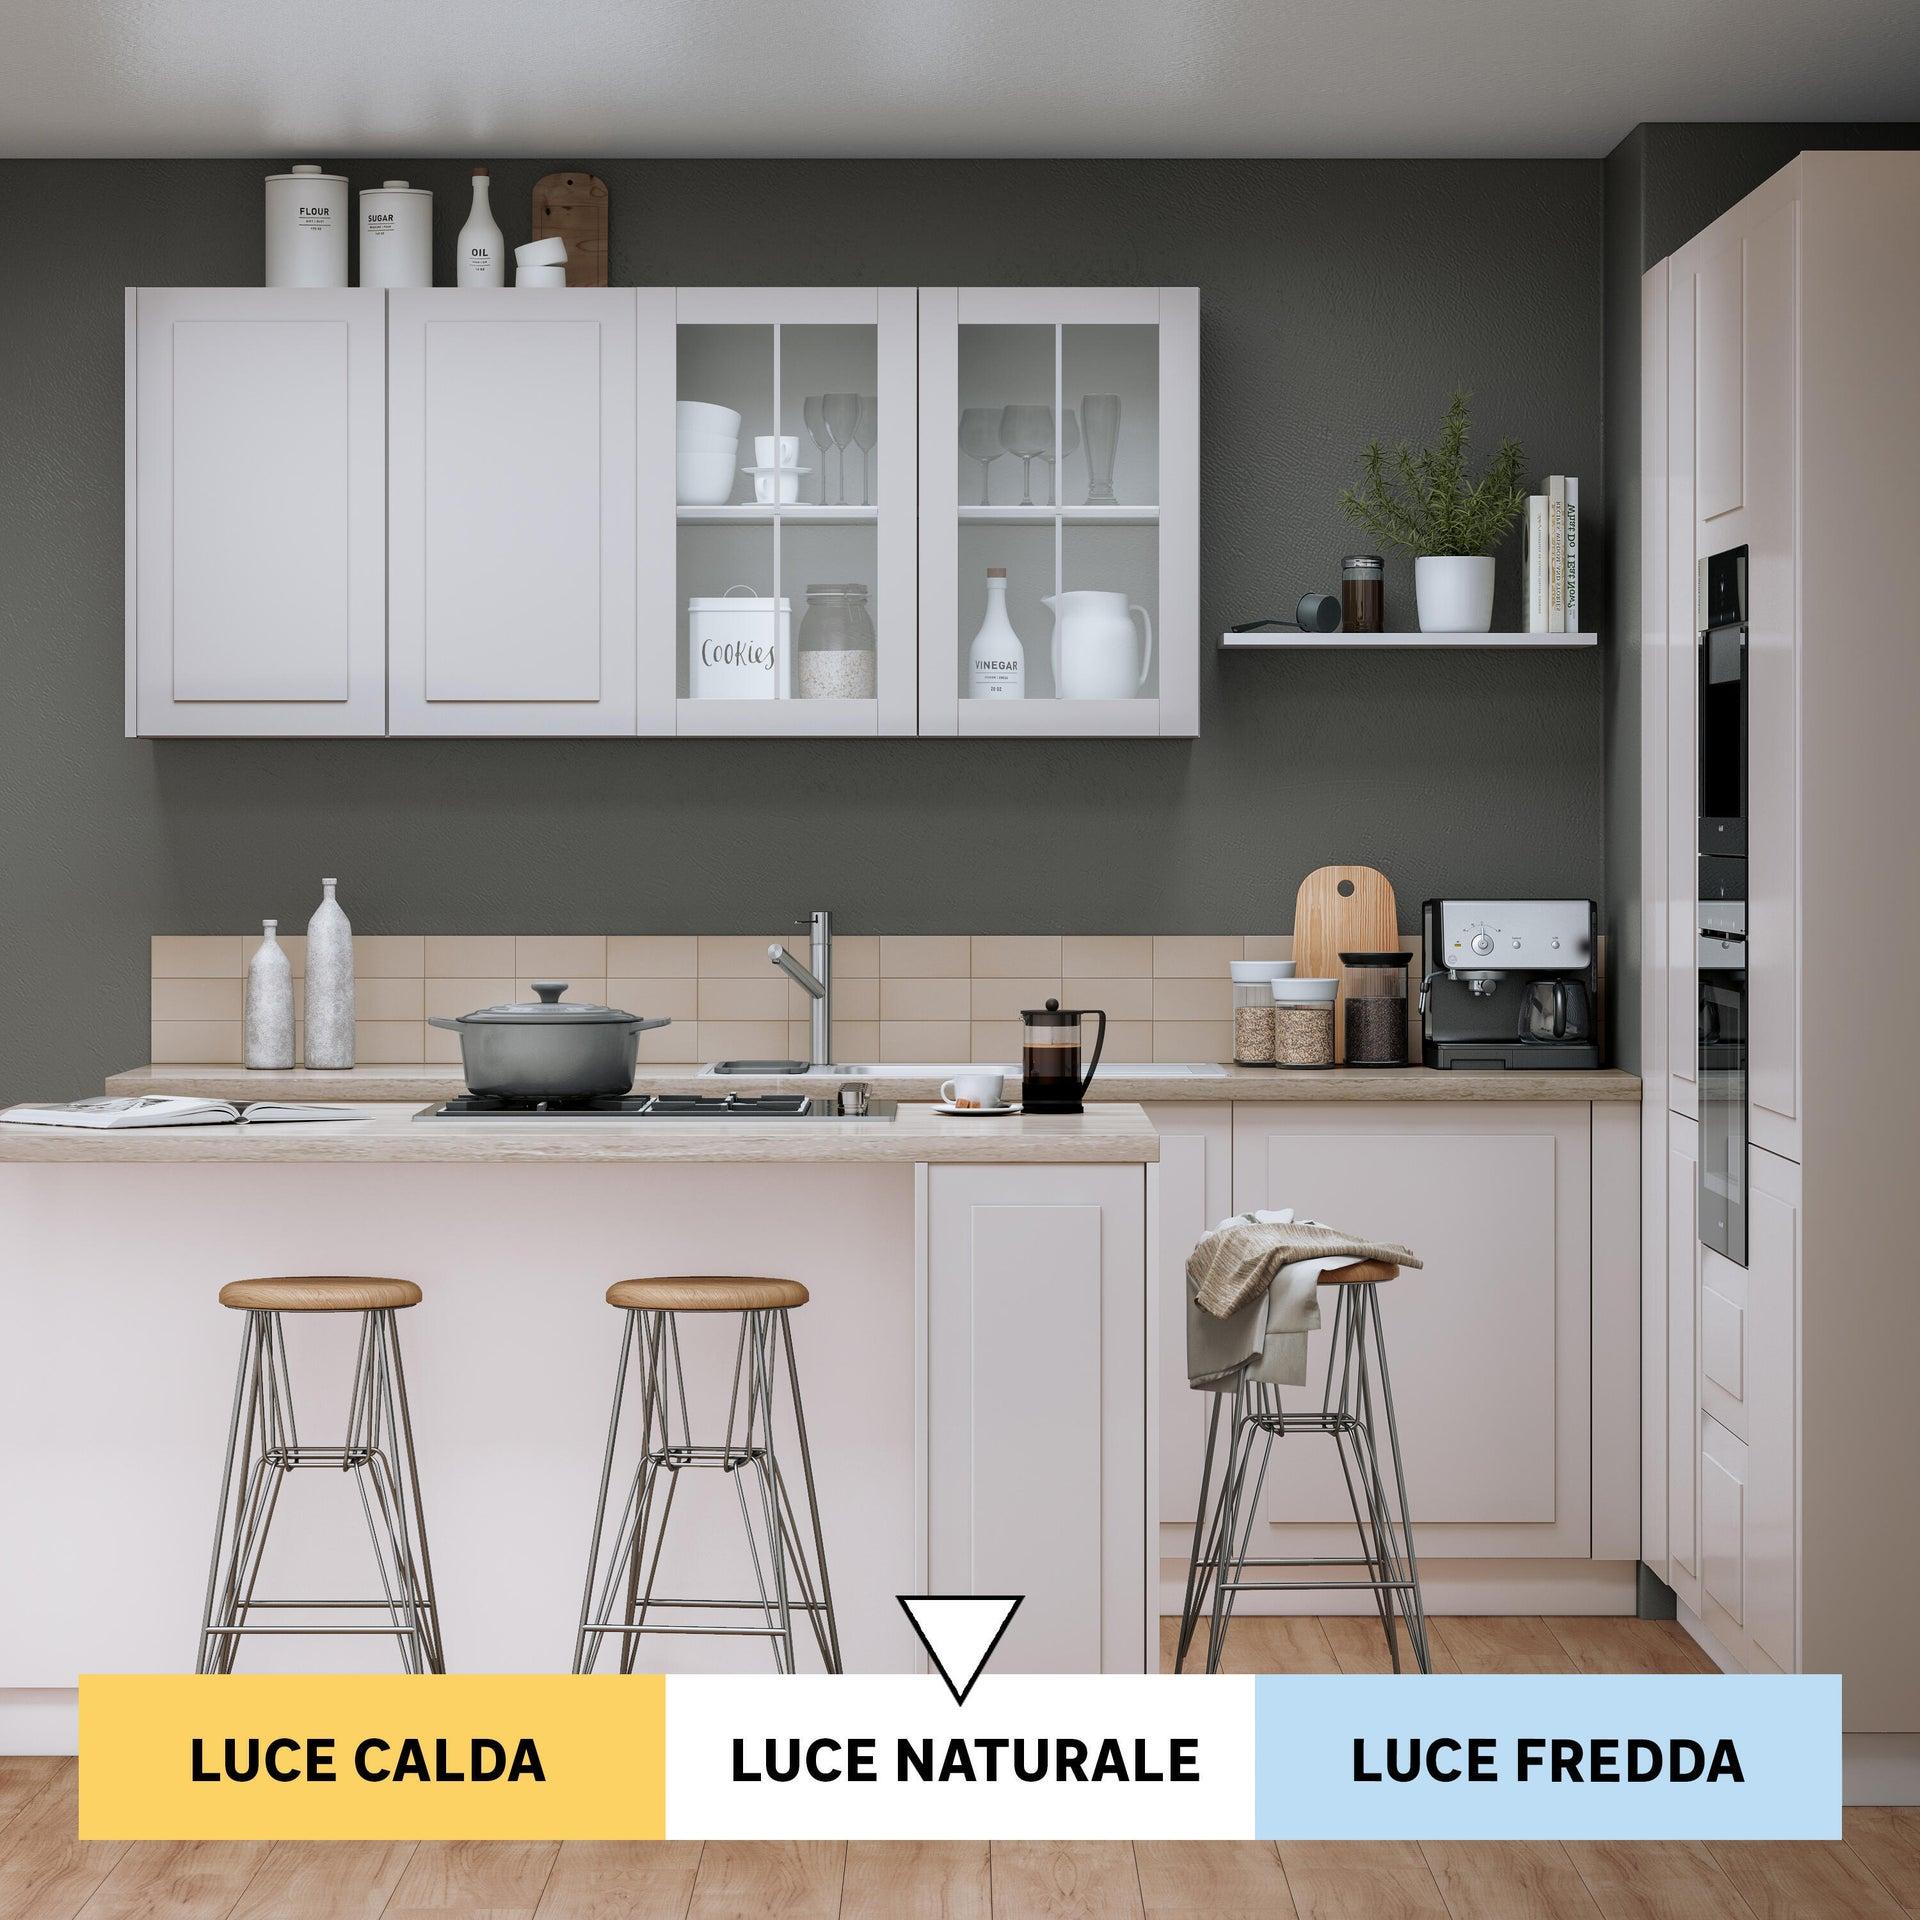 Lampadina LED, GU10, Faretto, Smerigliato, Luce naturale, 4W=340LM (equiv 35 W), 100° , LEXMAN - 4